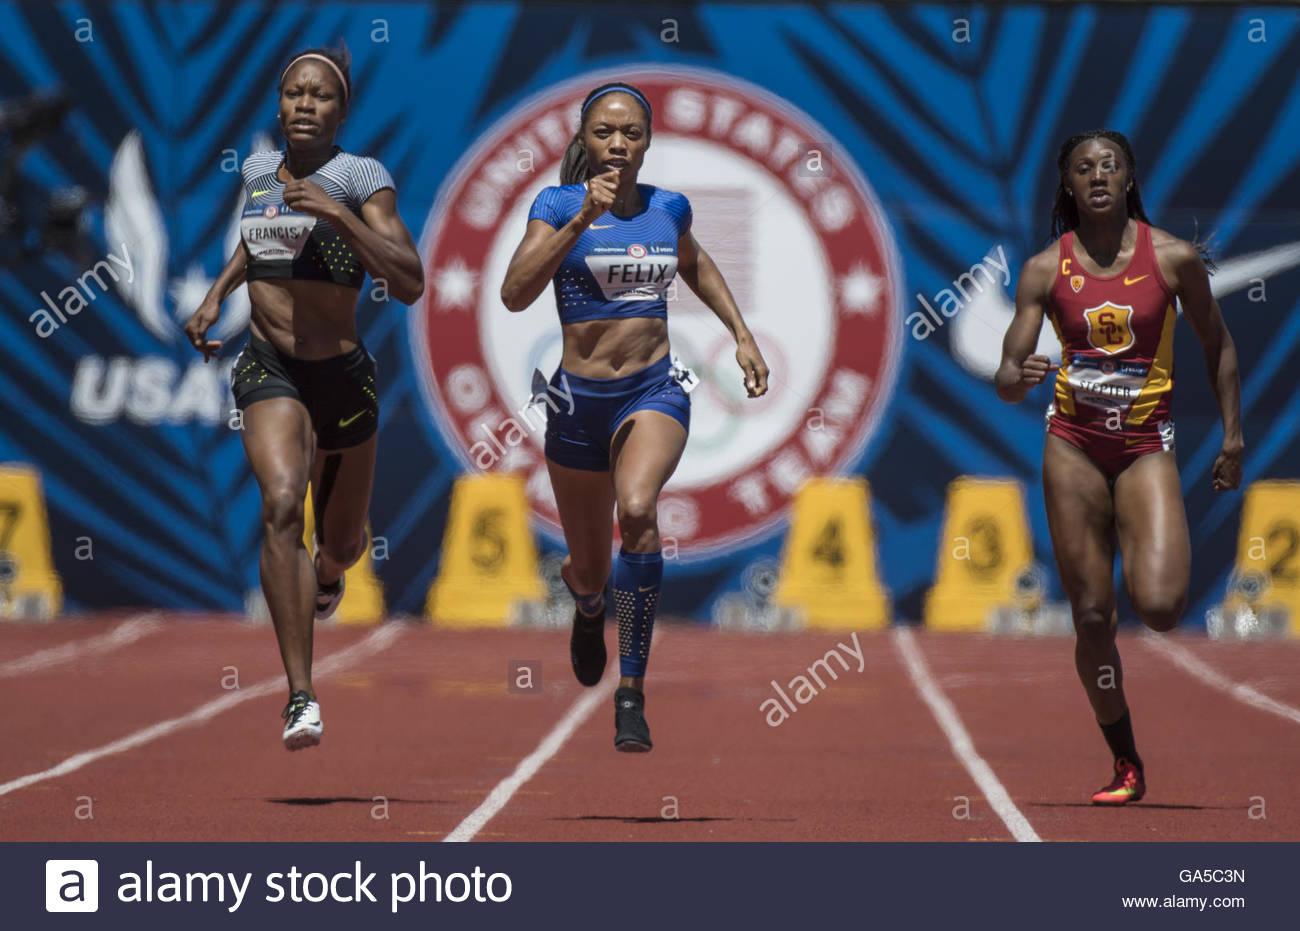 Eugene, Oregon, USA. 2nd July, 2016. USATF Olympic Trials, Eugene, Oregon- PHYLLIS FRANCIS (left), ALLYSON FELIX - Stock Image